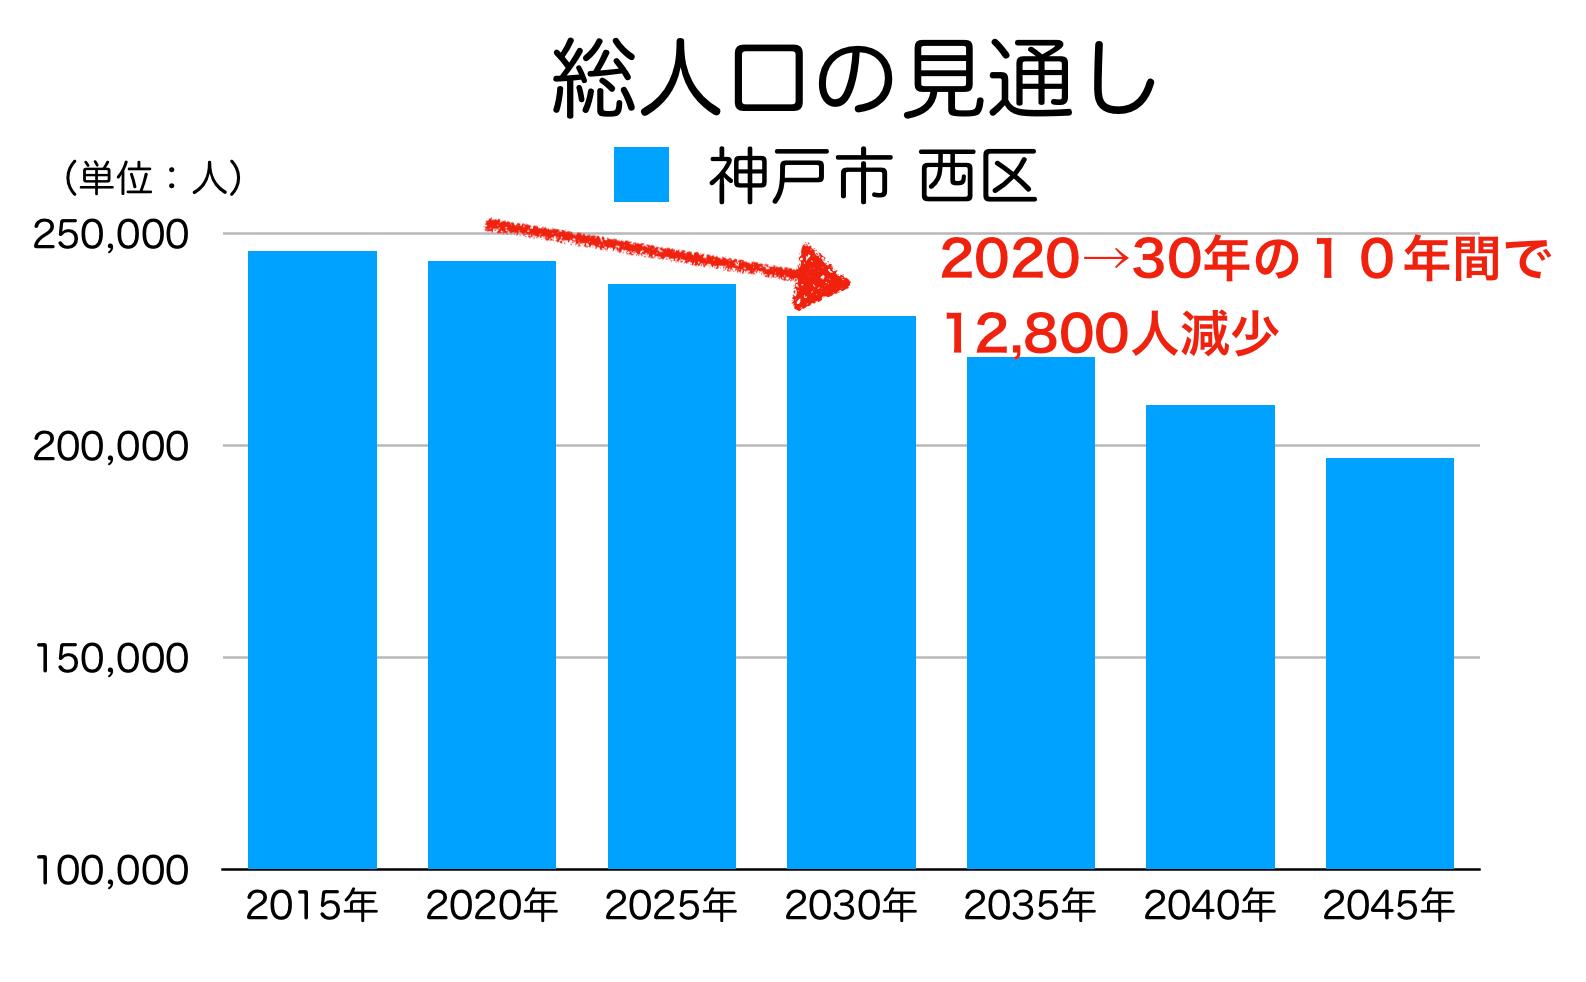 神戸市西区の人口予測